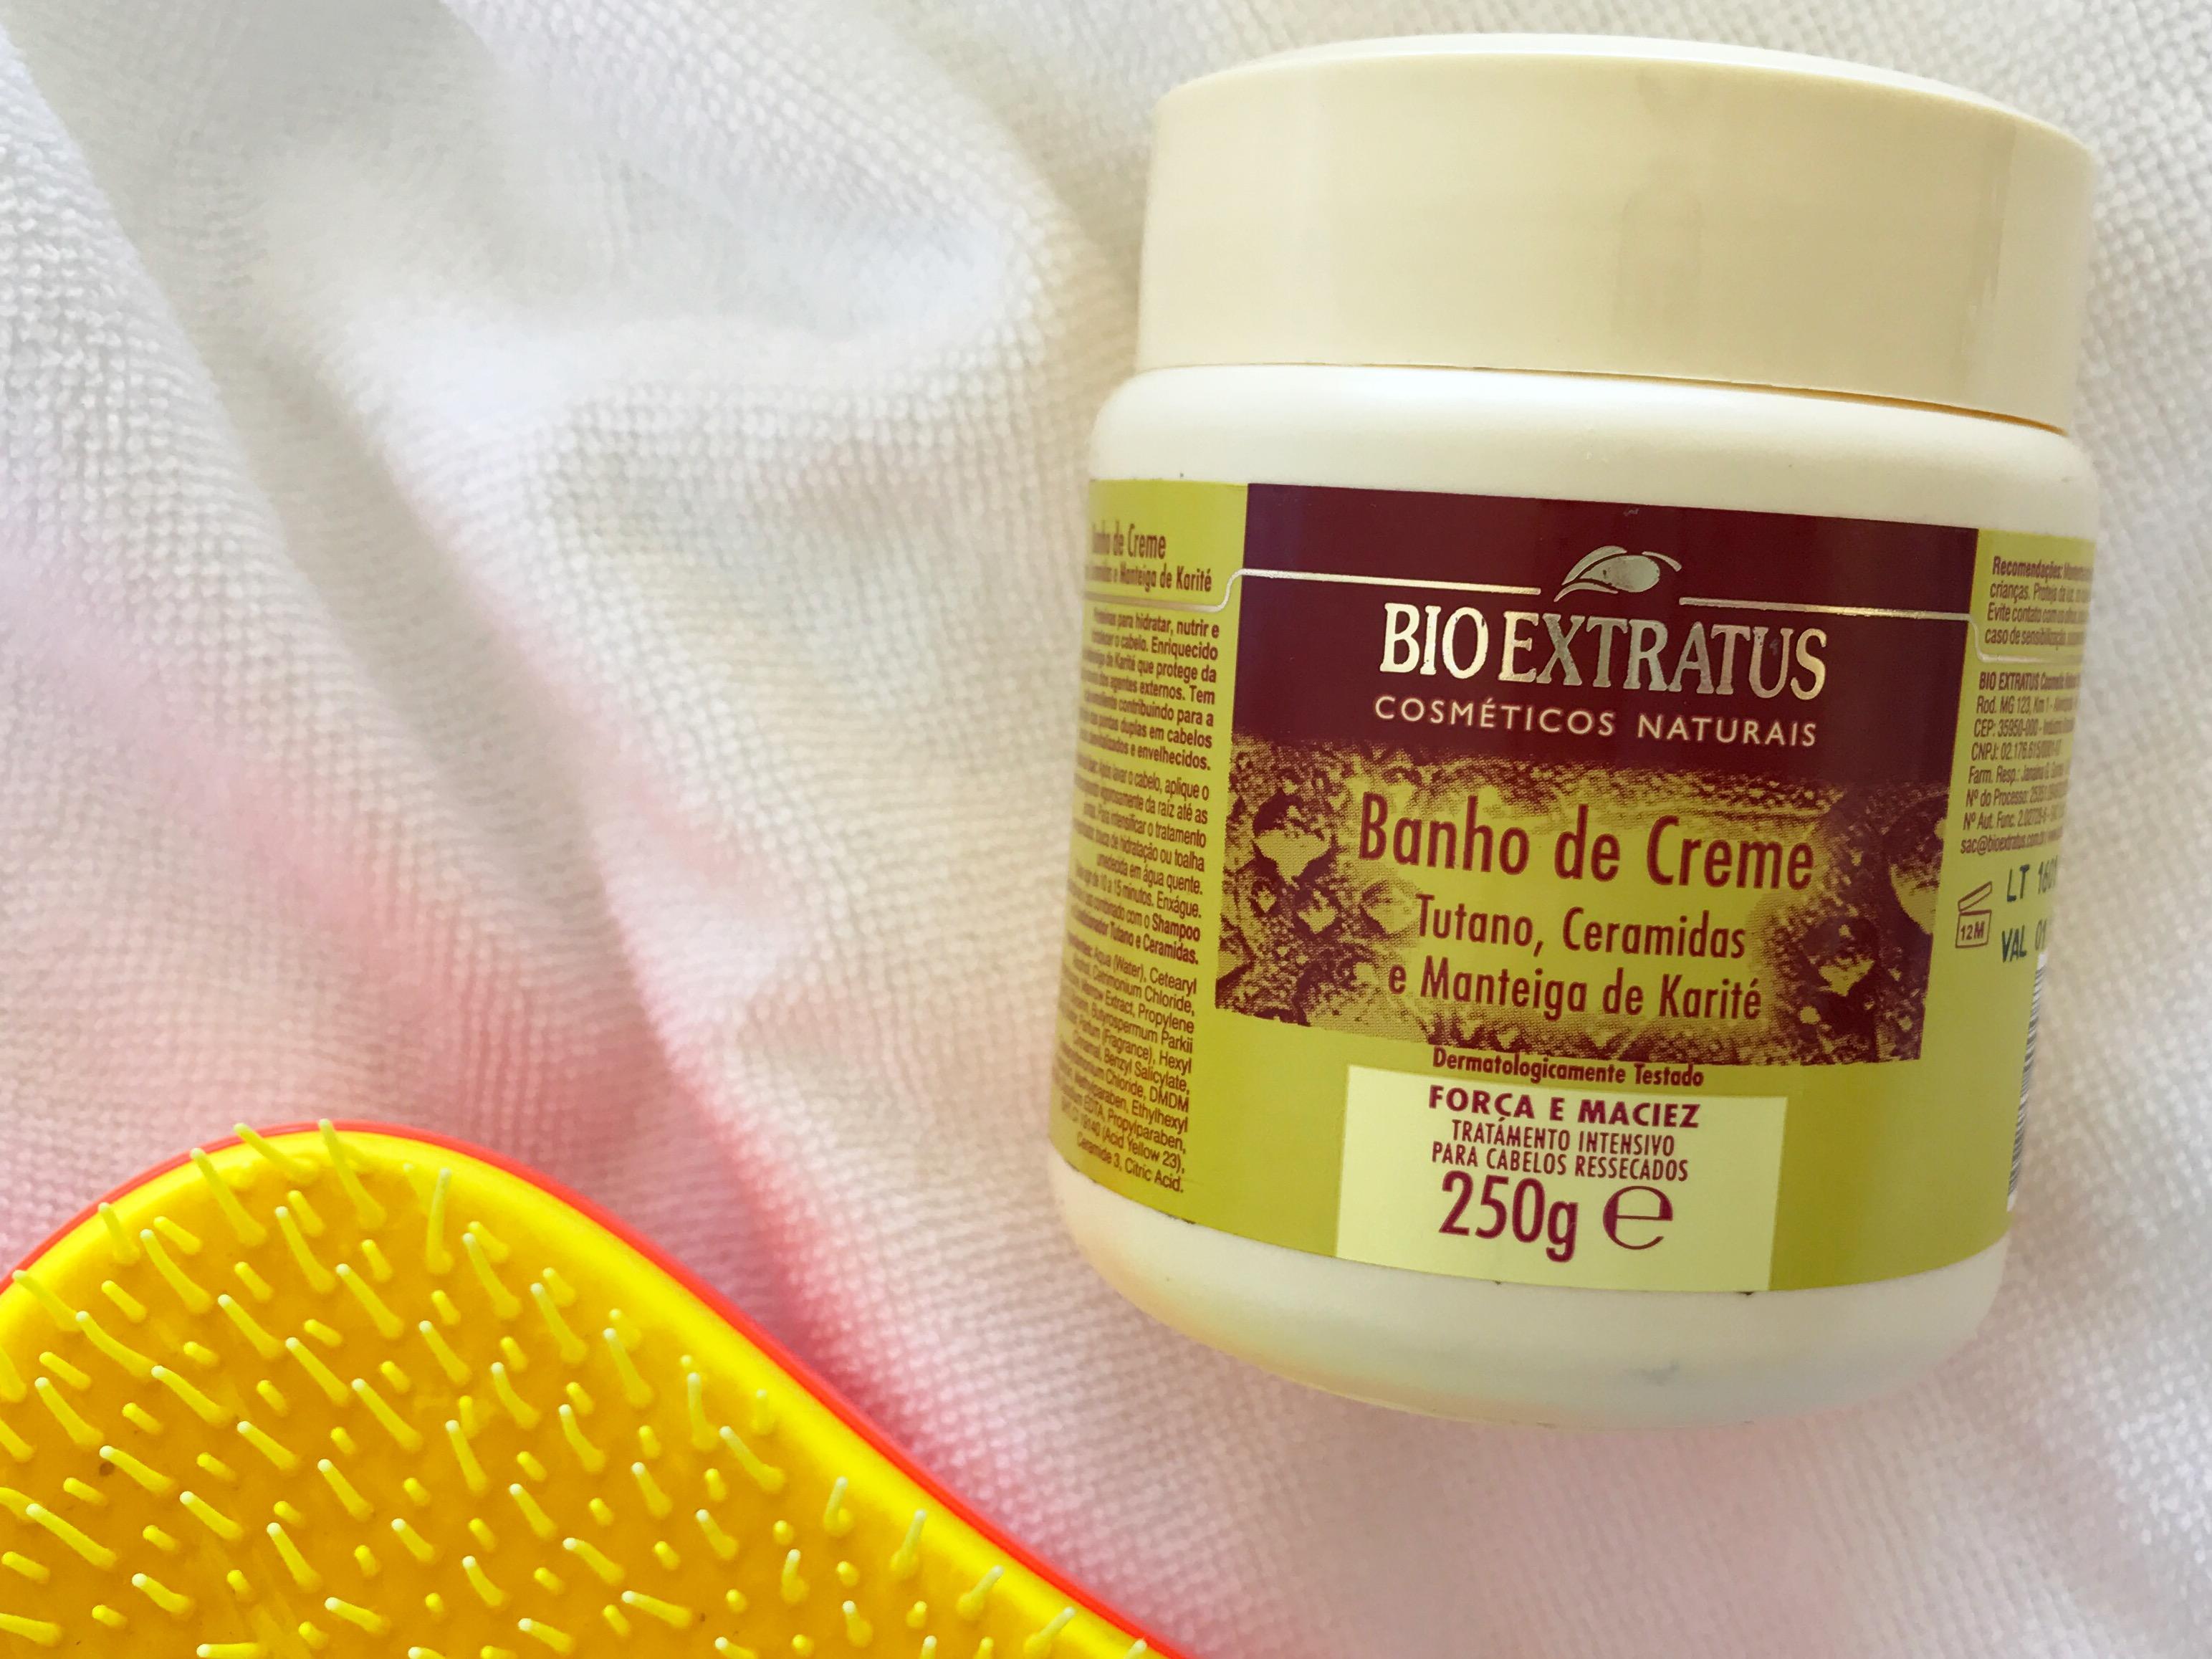 resenha-bioextratus-banho-de-creme-giuli-castro